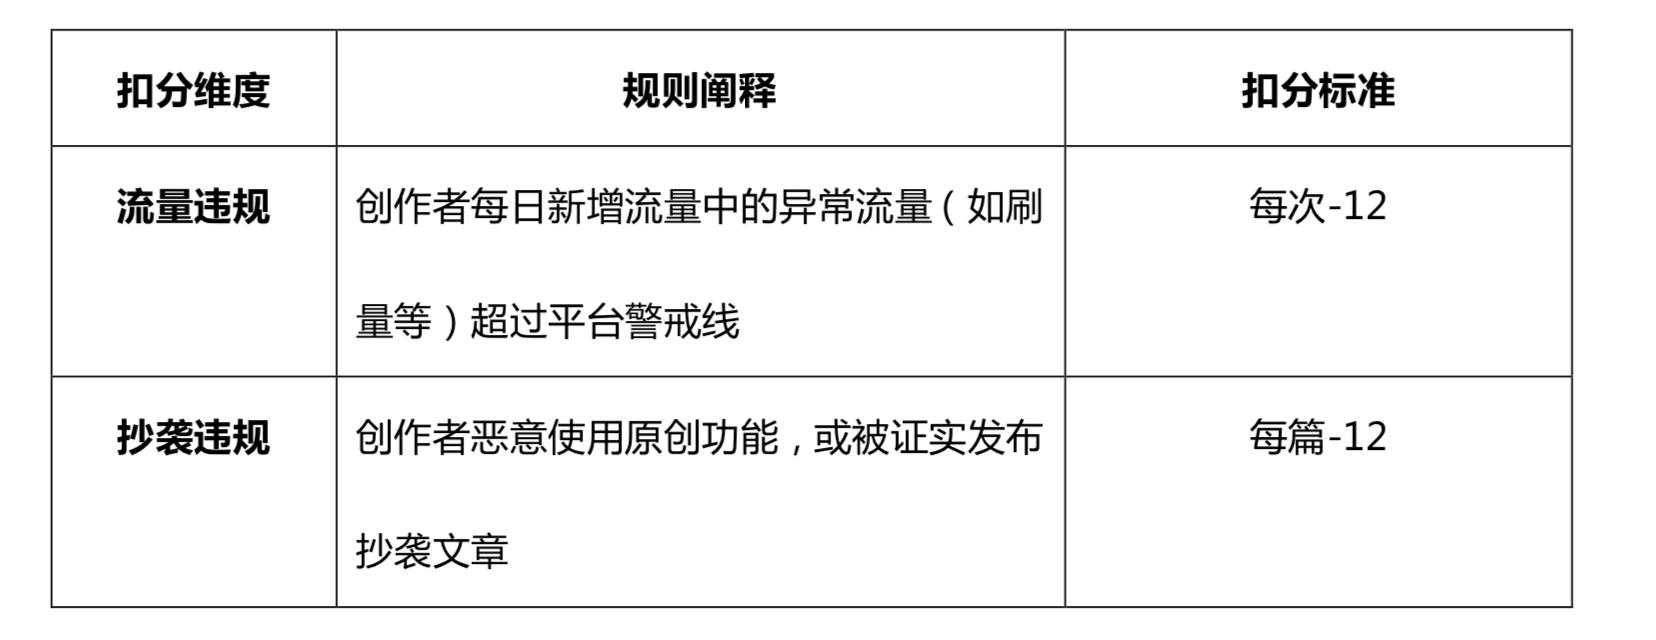 """搜狐号积分荣耀登陆!""""狐狸勋章""""等你解锁!"""